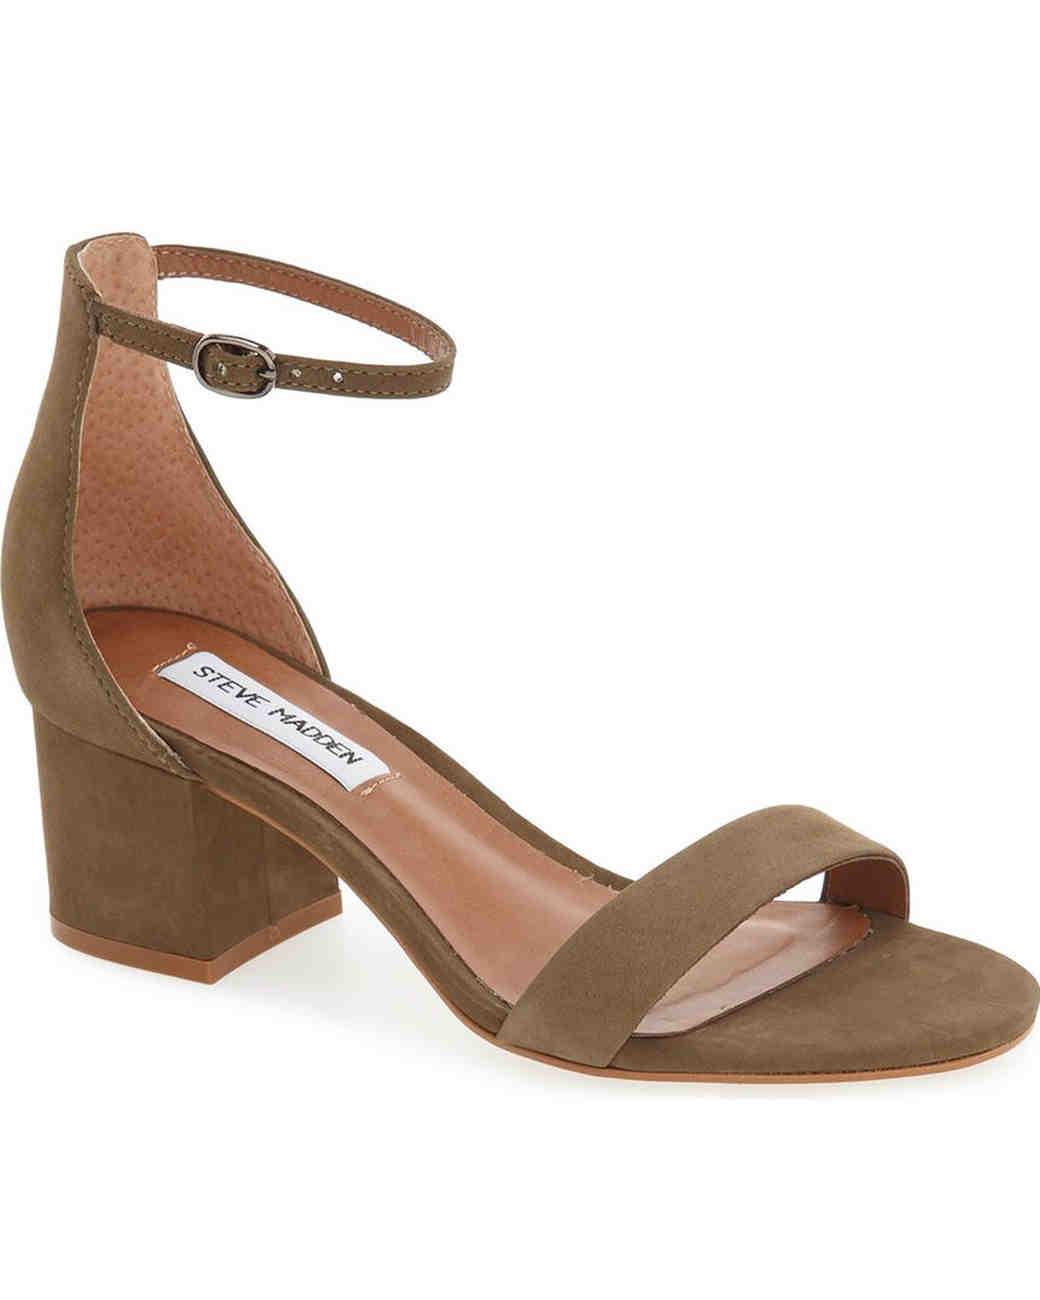 Steve Madden 'Irenee' Ankle Strap Sandal